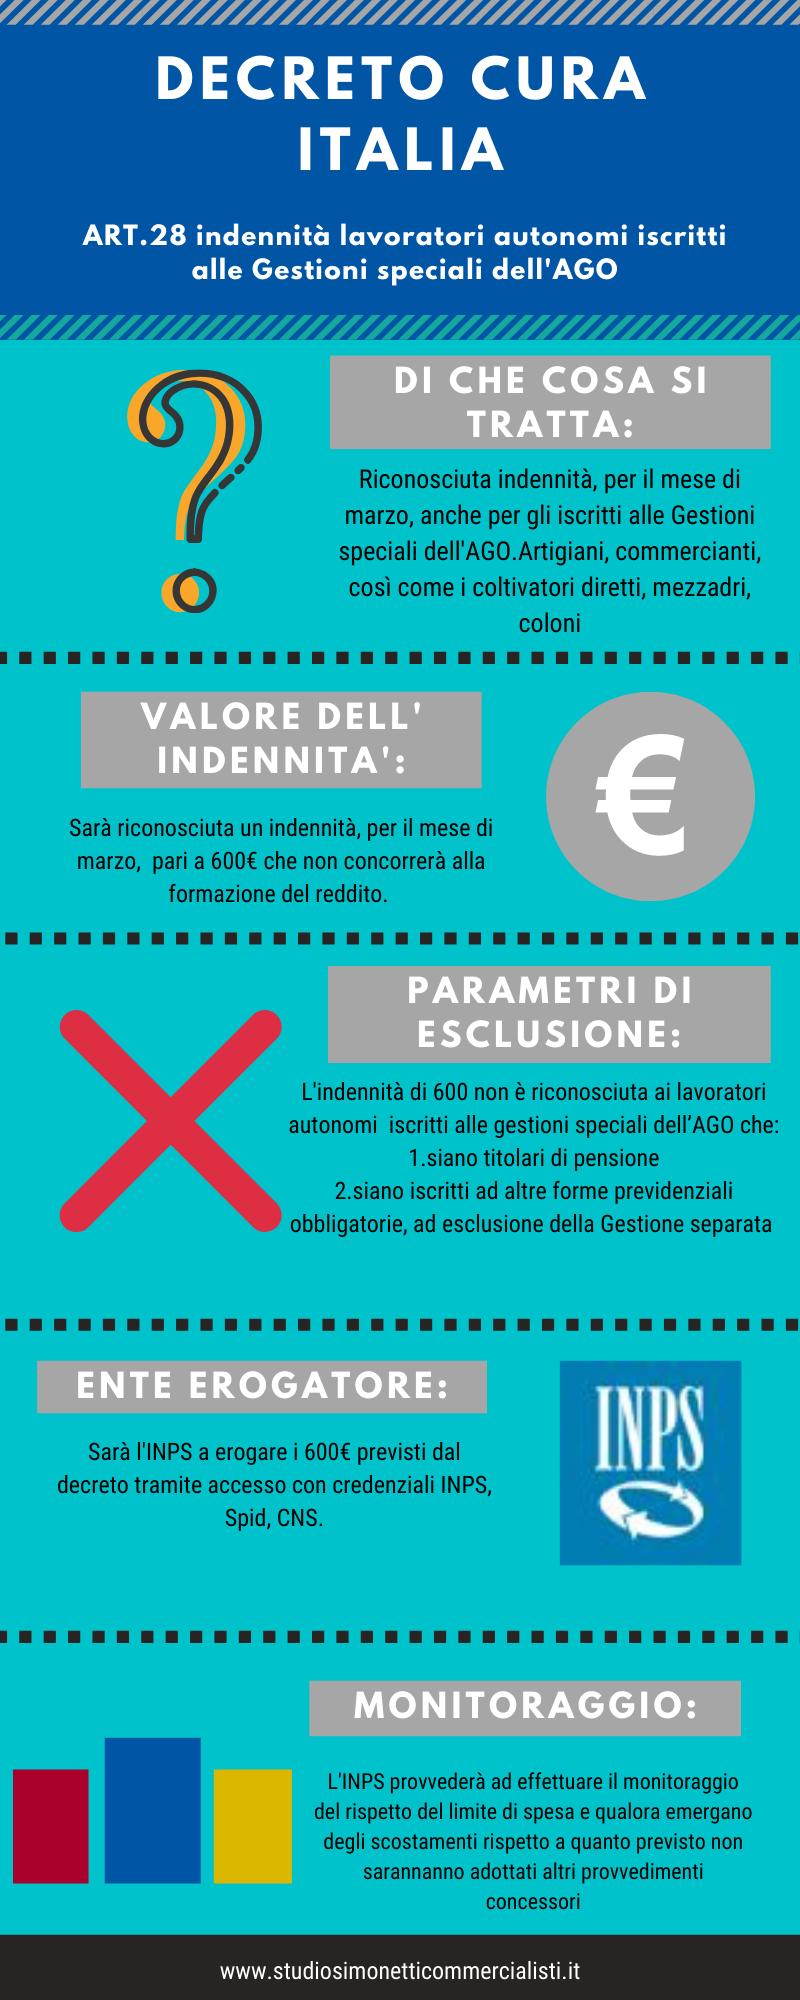 Per artigiani e commercianti riconosciuta indennità 600 euro